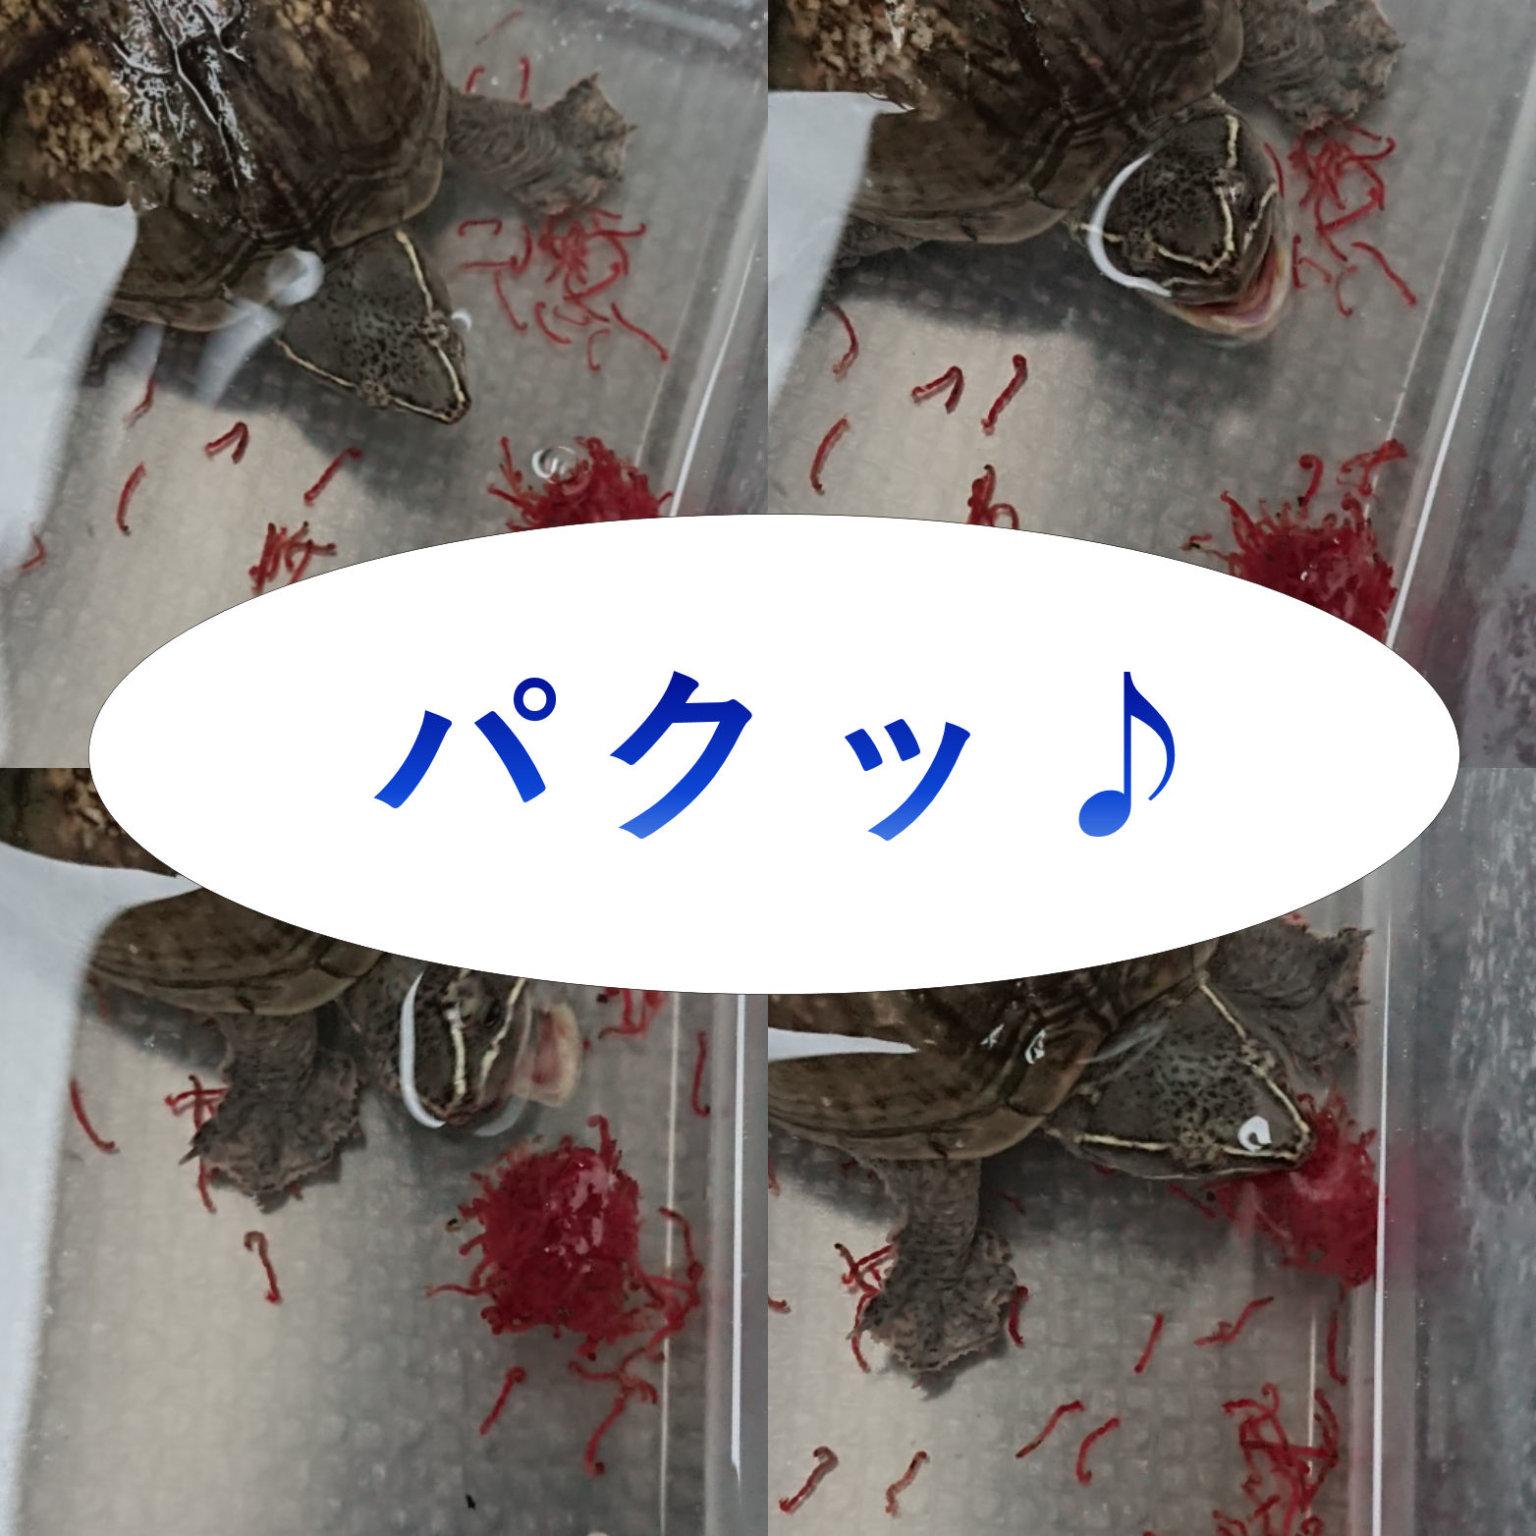 我が家のカメ♪赤虫に食らいつく黒豆ちゃん(ミシシッピニオイガメ)